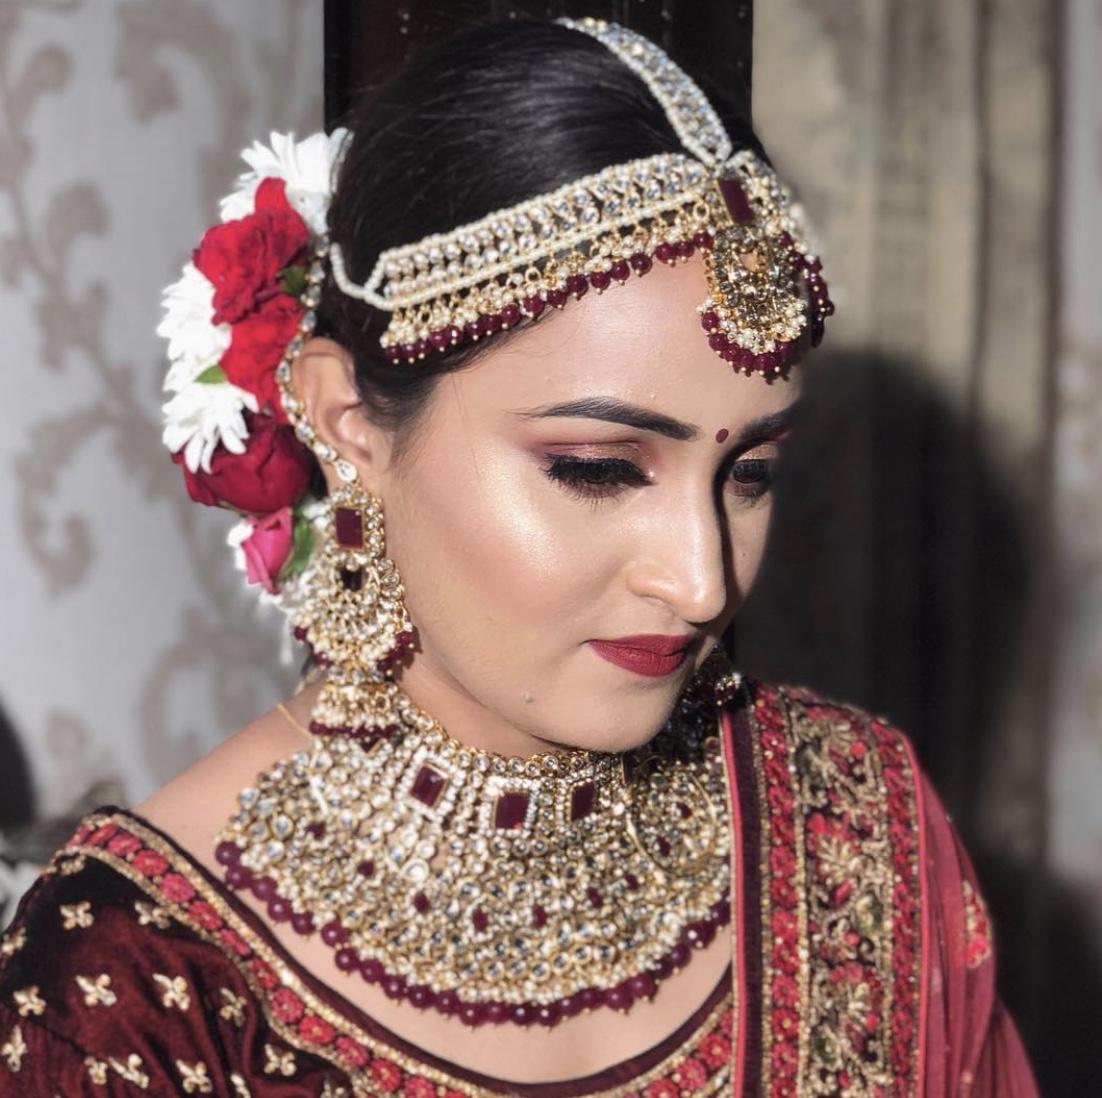 anmol-mangat-makeup-artist-chandigarh